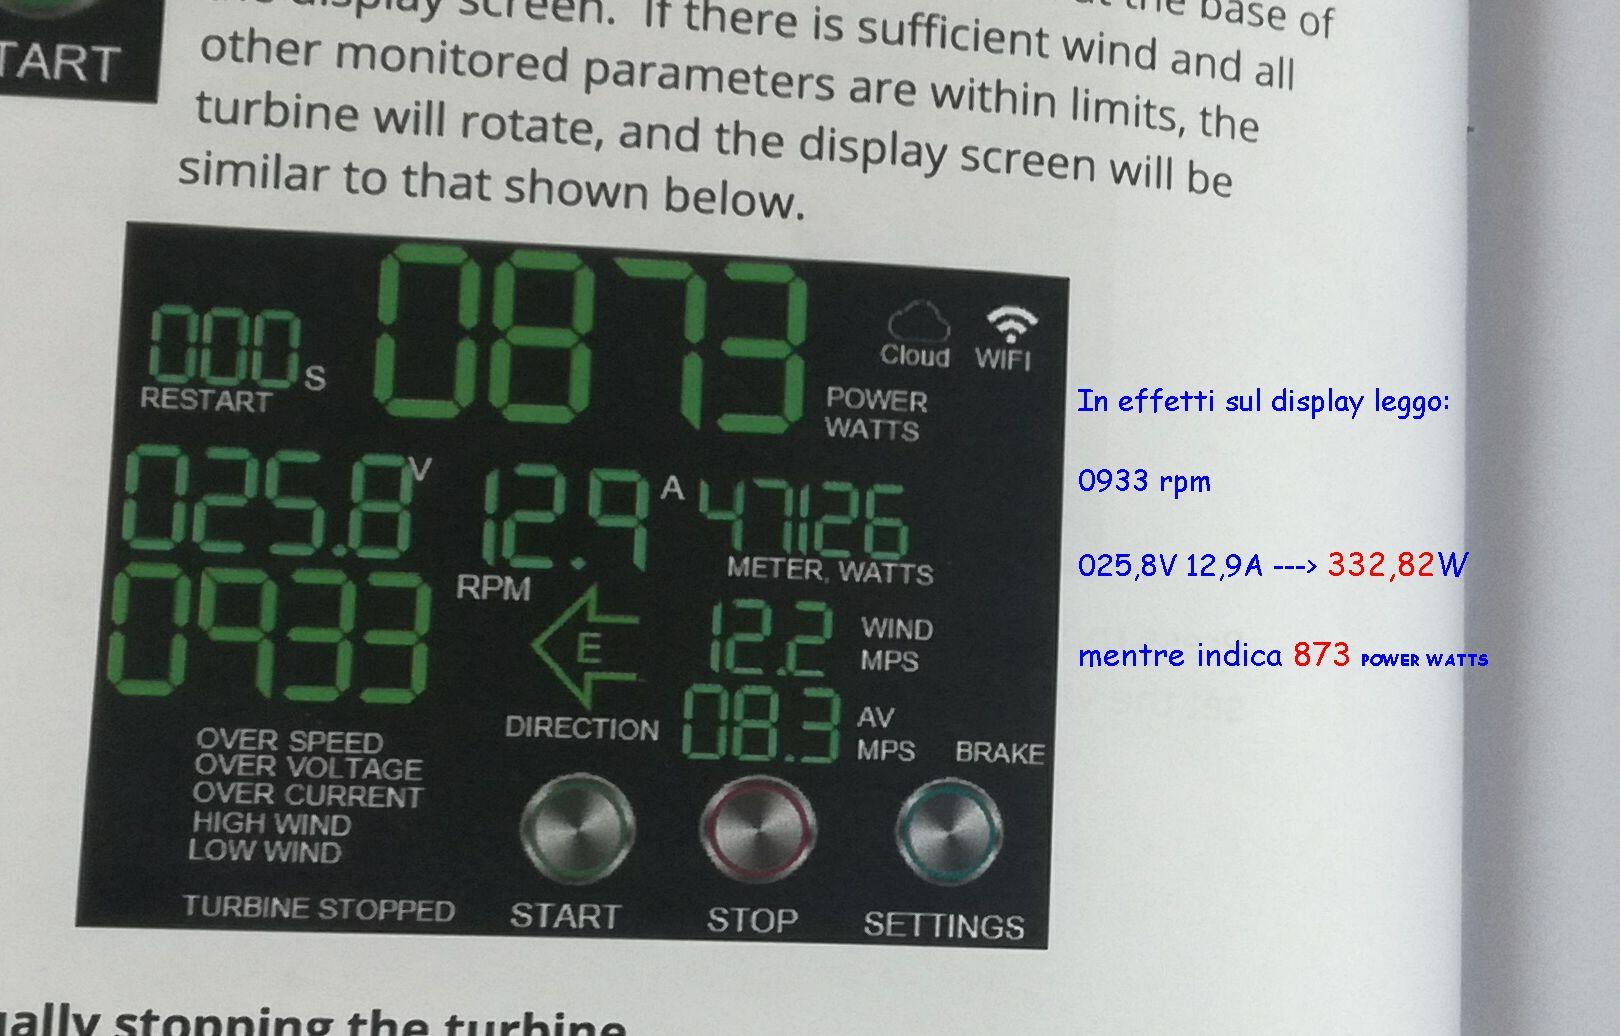 http://www.energialternativa.info/public/newforum/ForumEA/U/VALORI-DITTA-errati-o-no.jpg